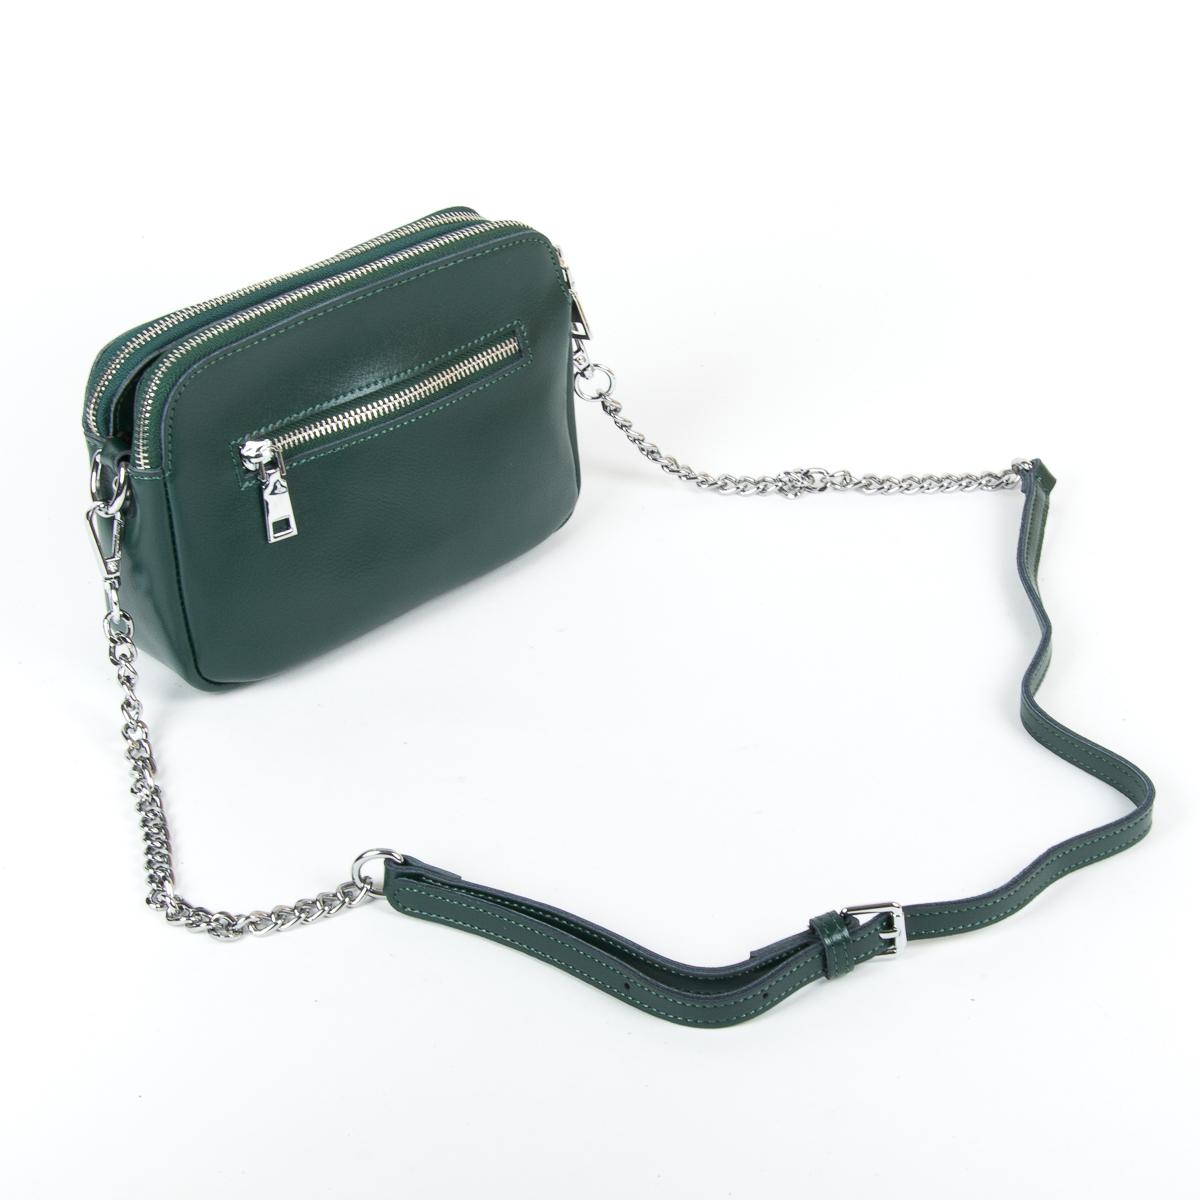 Сумка Женская Клатч кожа ALEX RAI 9-01 8701 green - фото 4